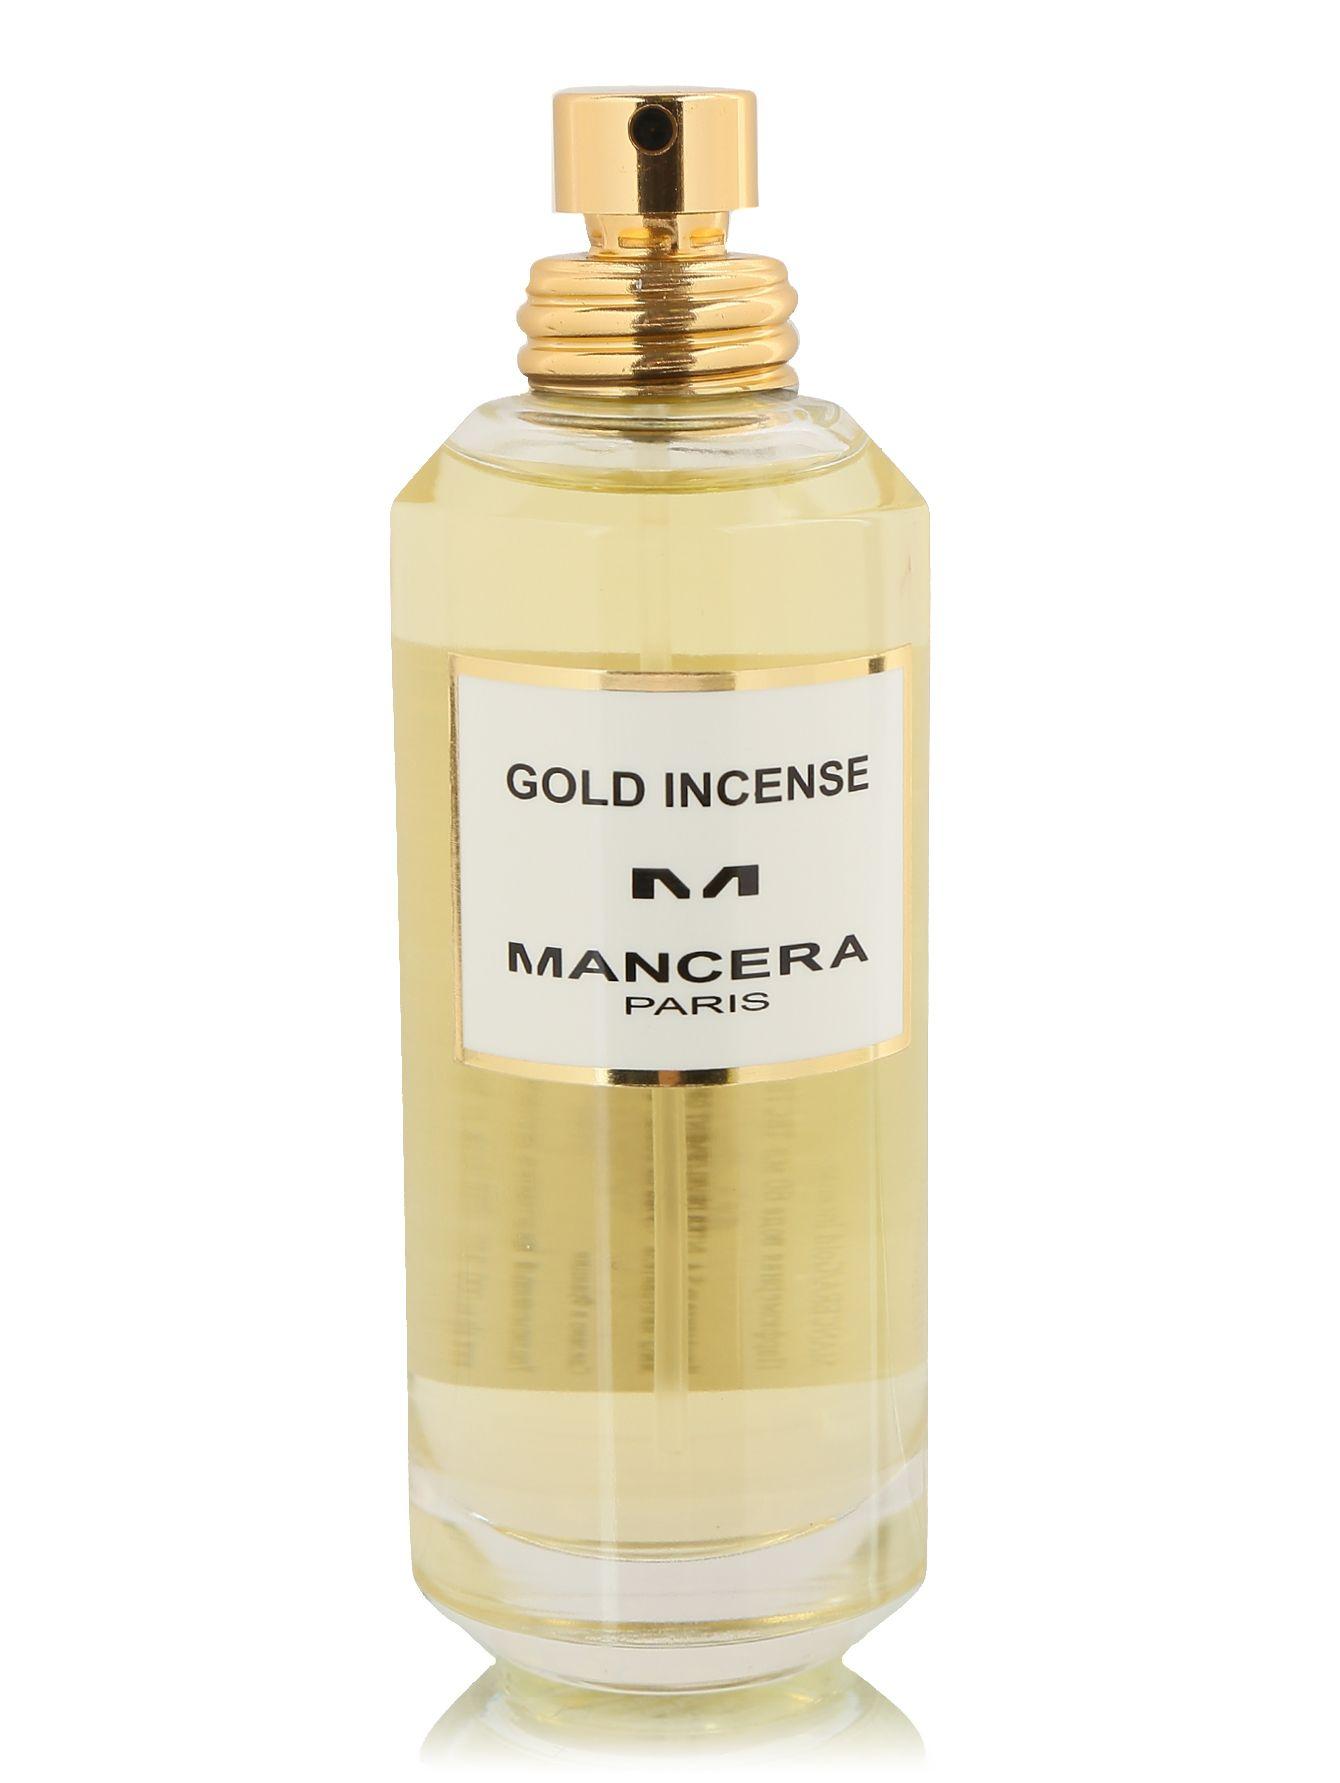 عطر مانسيرا جولد للرجال والنساء Mancera Eau De Parfum Hand Soap Bottle